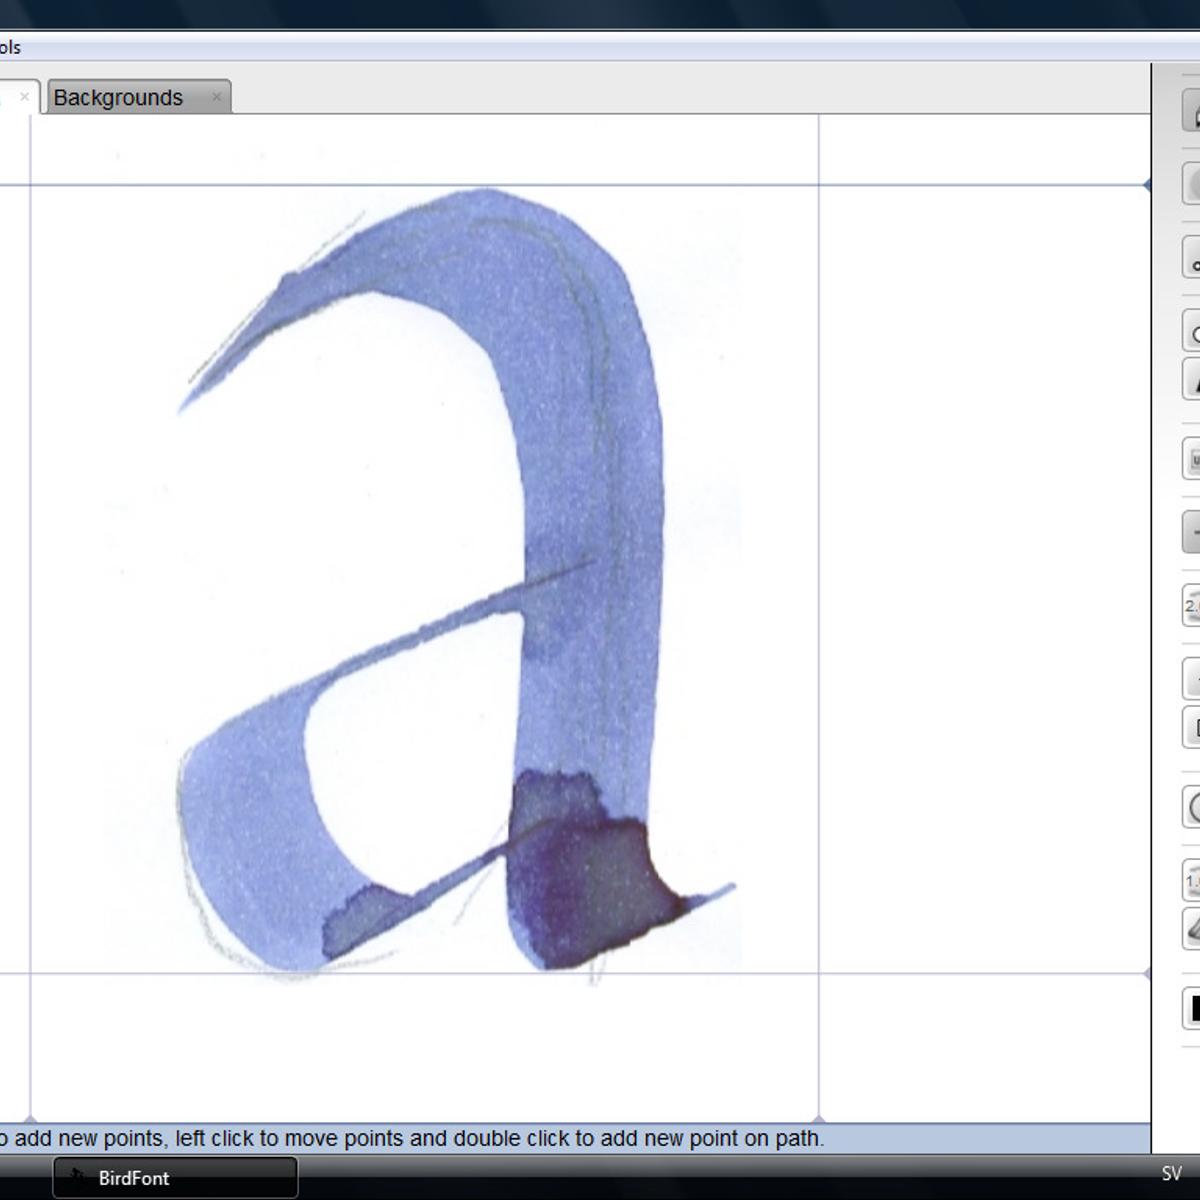 BirdFont Alternatives and Similar Software - AlternativeTo net